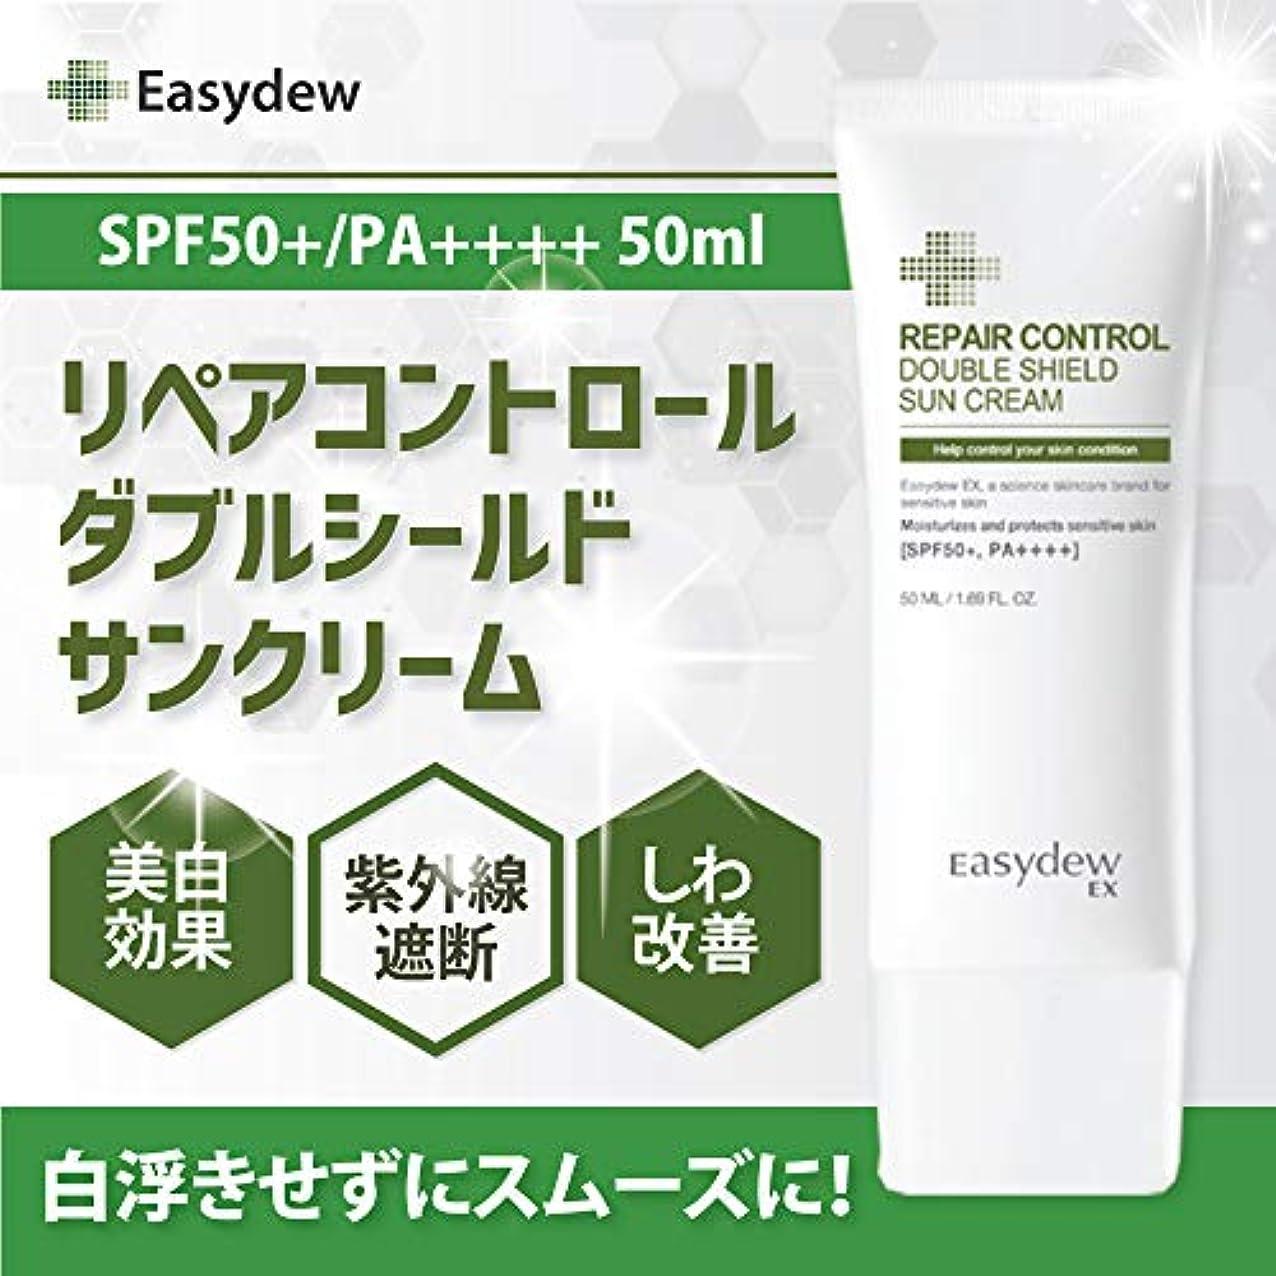 モットー気まぐれな複数デウン製薬 リペア コントロール ダブル シールド サン?クリーム SPF50+/PA++++ 50ml. Repair Control Double Shild Sun Cream SPF50+/PA++++ 50ml.